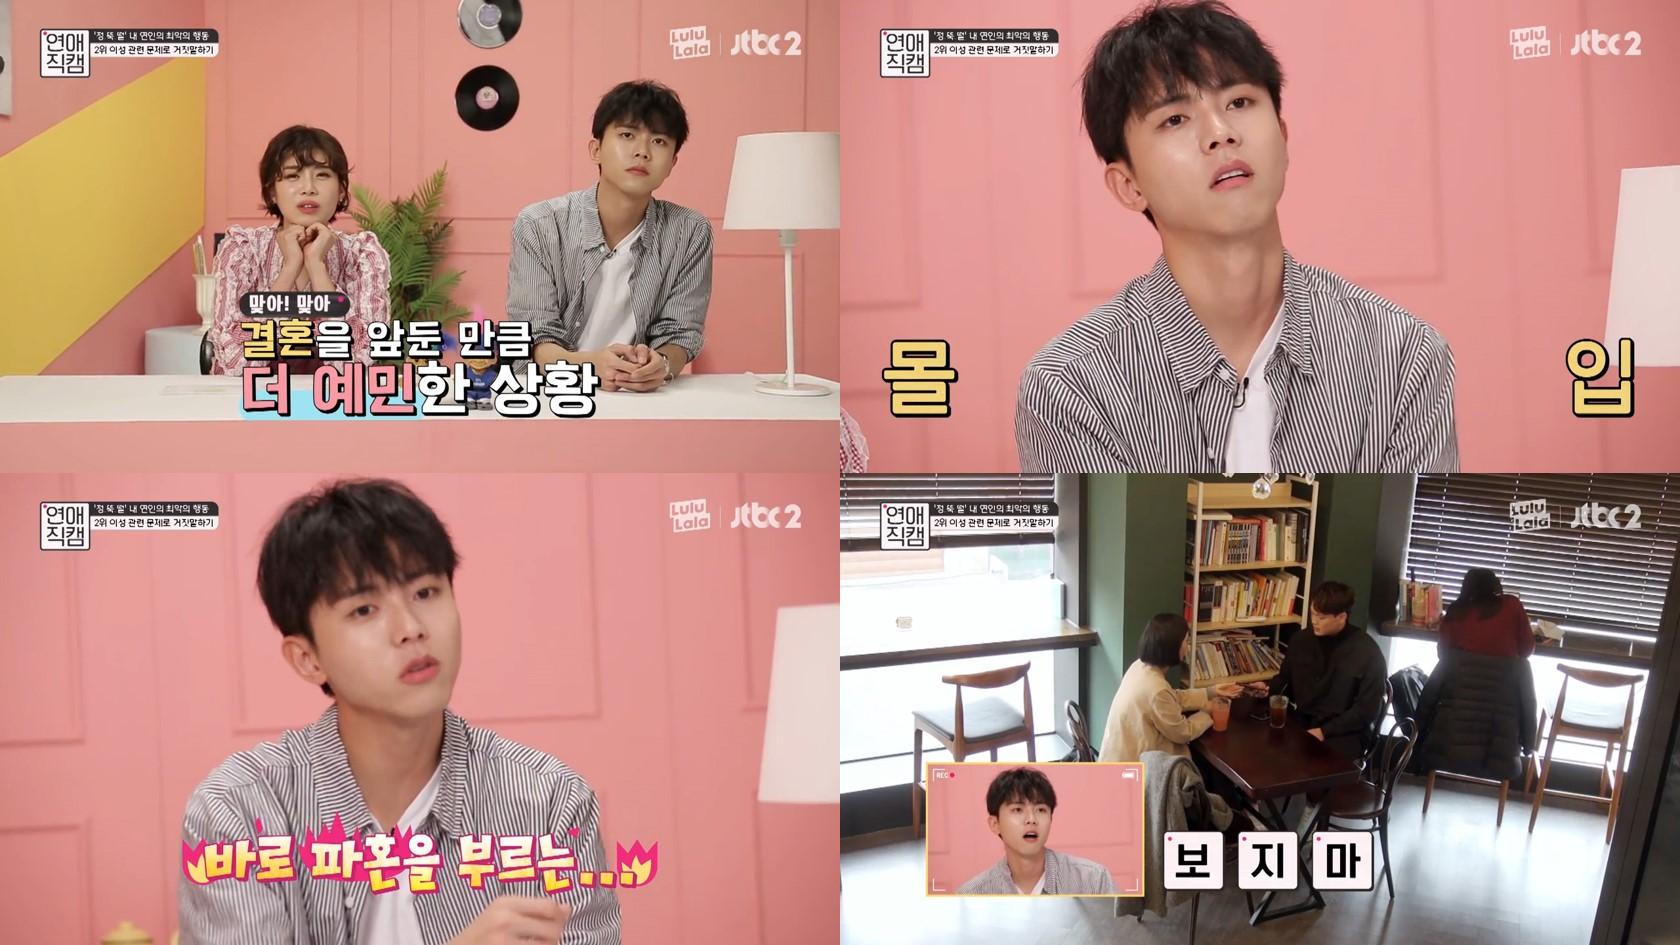 주우재 JTBC2 '연애직캠' 첫방, 실전 연애 강자 등극!